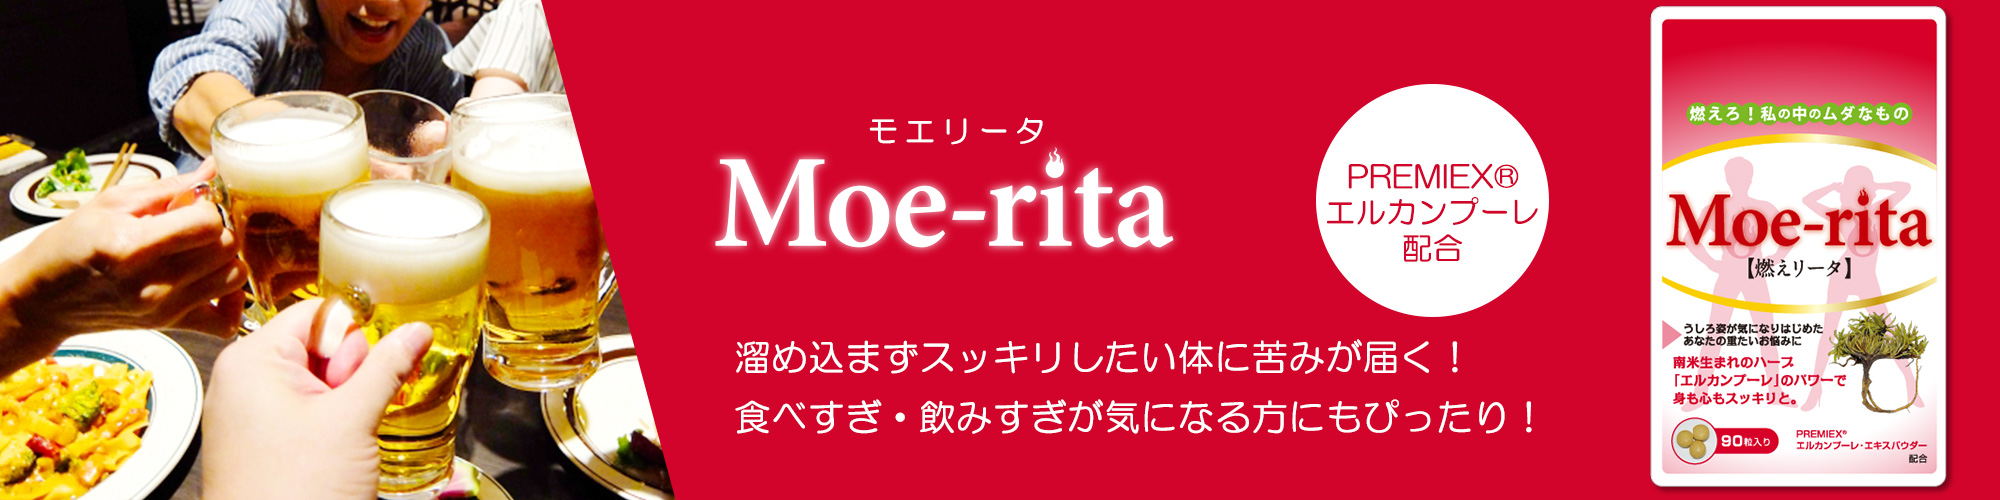 「Moe-rita(燃えリータ)」はコレステロールや中性脂肪・血糖値といったメタボリックシンドロームや生活習慣病予防をサポートするサプリメント